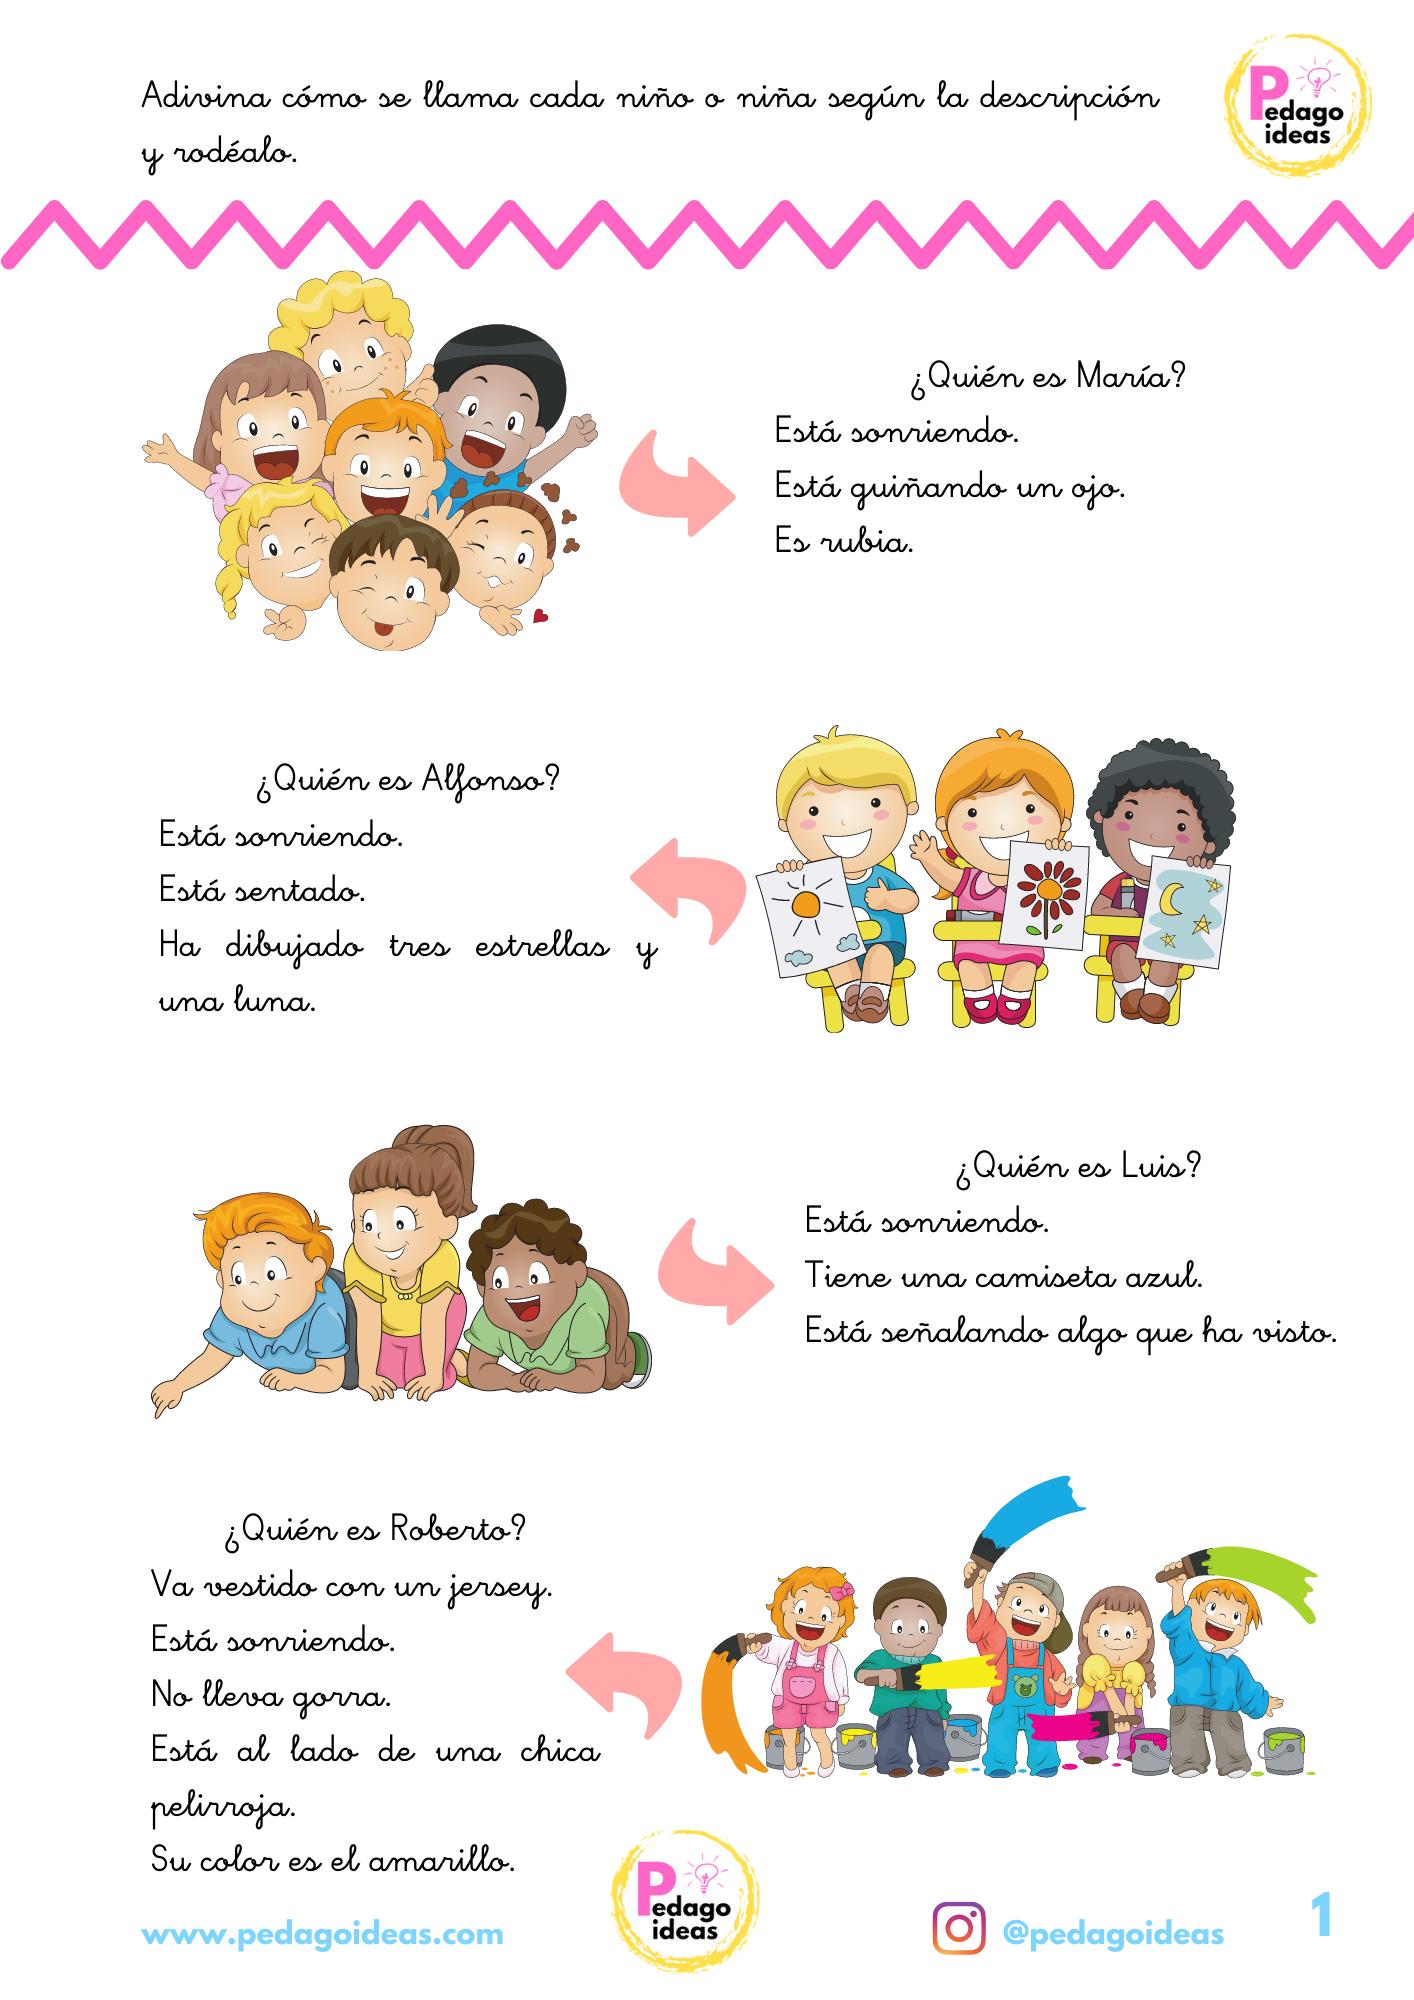 Adivina cómo se llama cada niño o niña según la descripción.